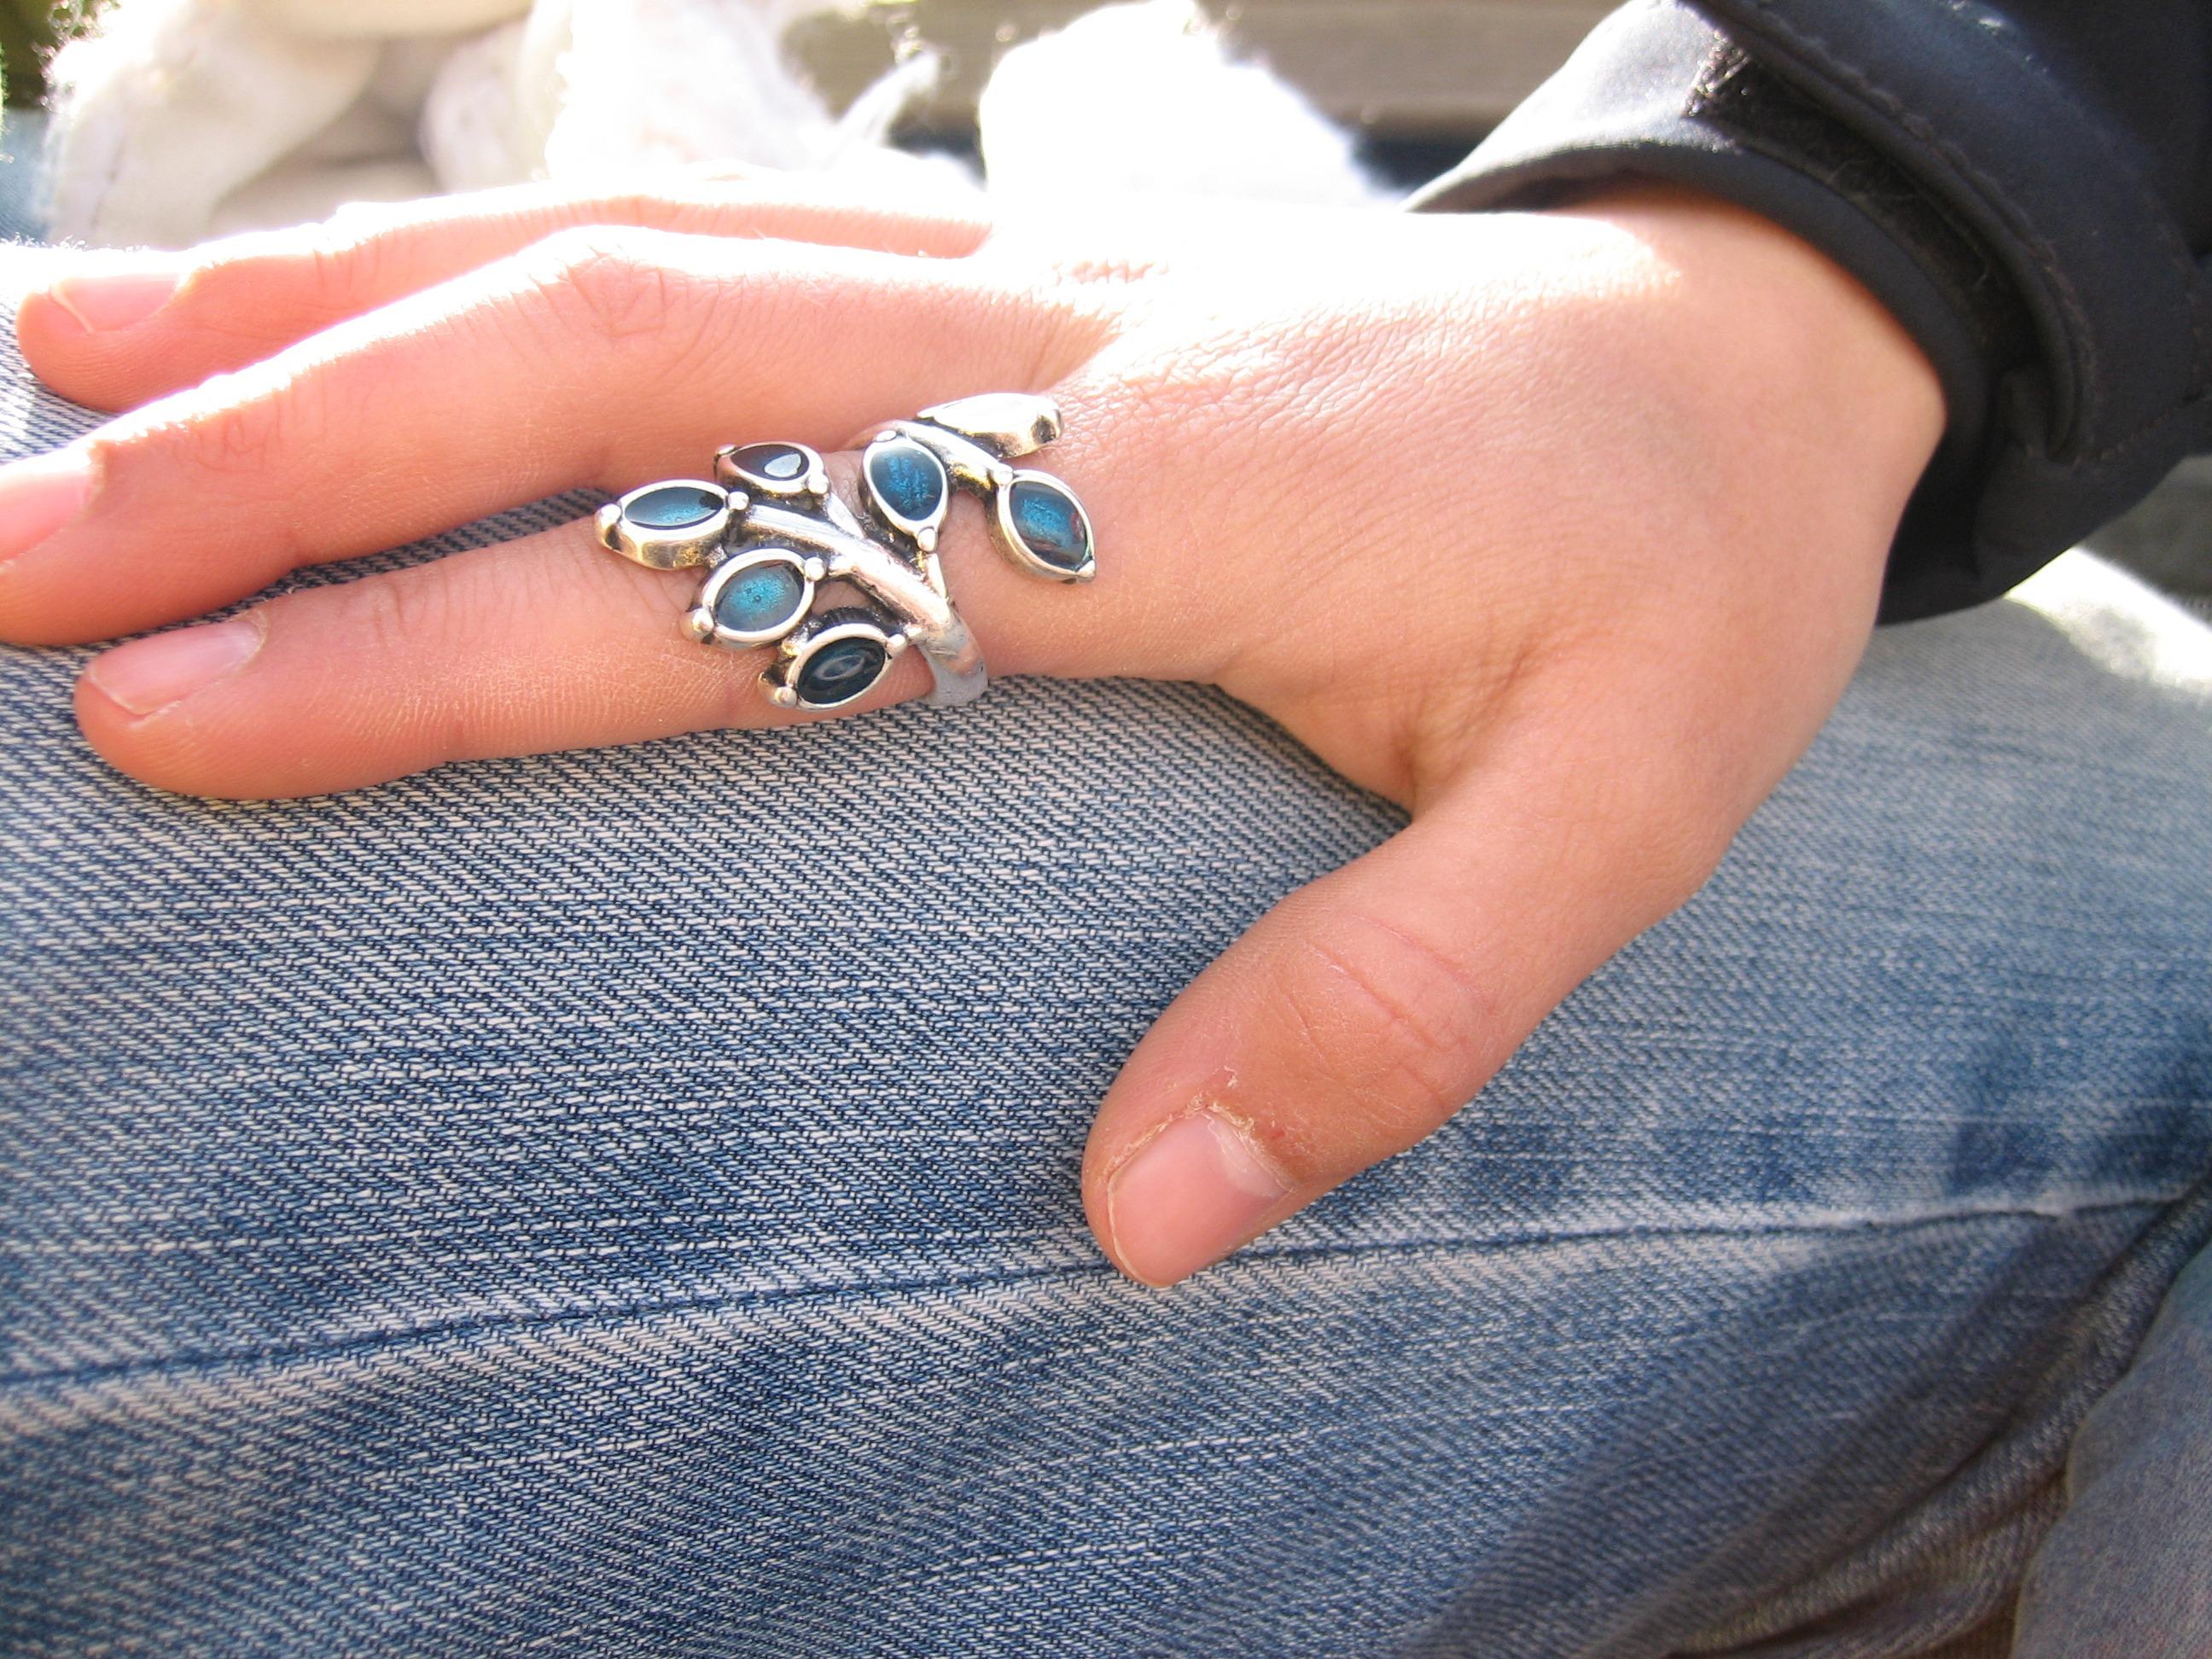 hand ring bein muster finger blau arm nagel armband schmuck edelsteine gescheitert mode zubehr finger - Nagel Muster